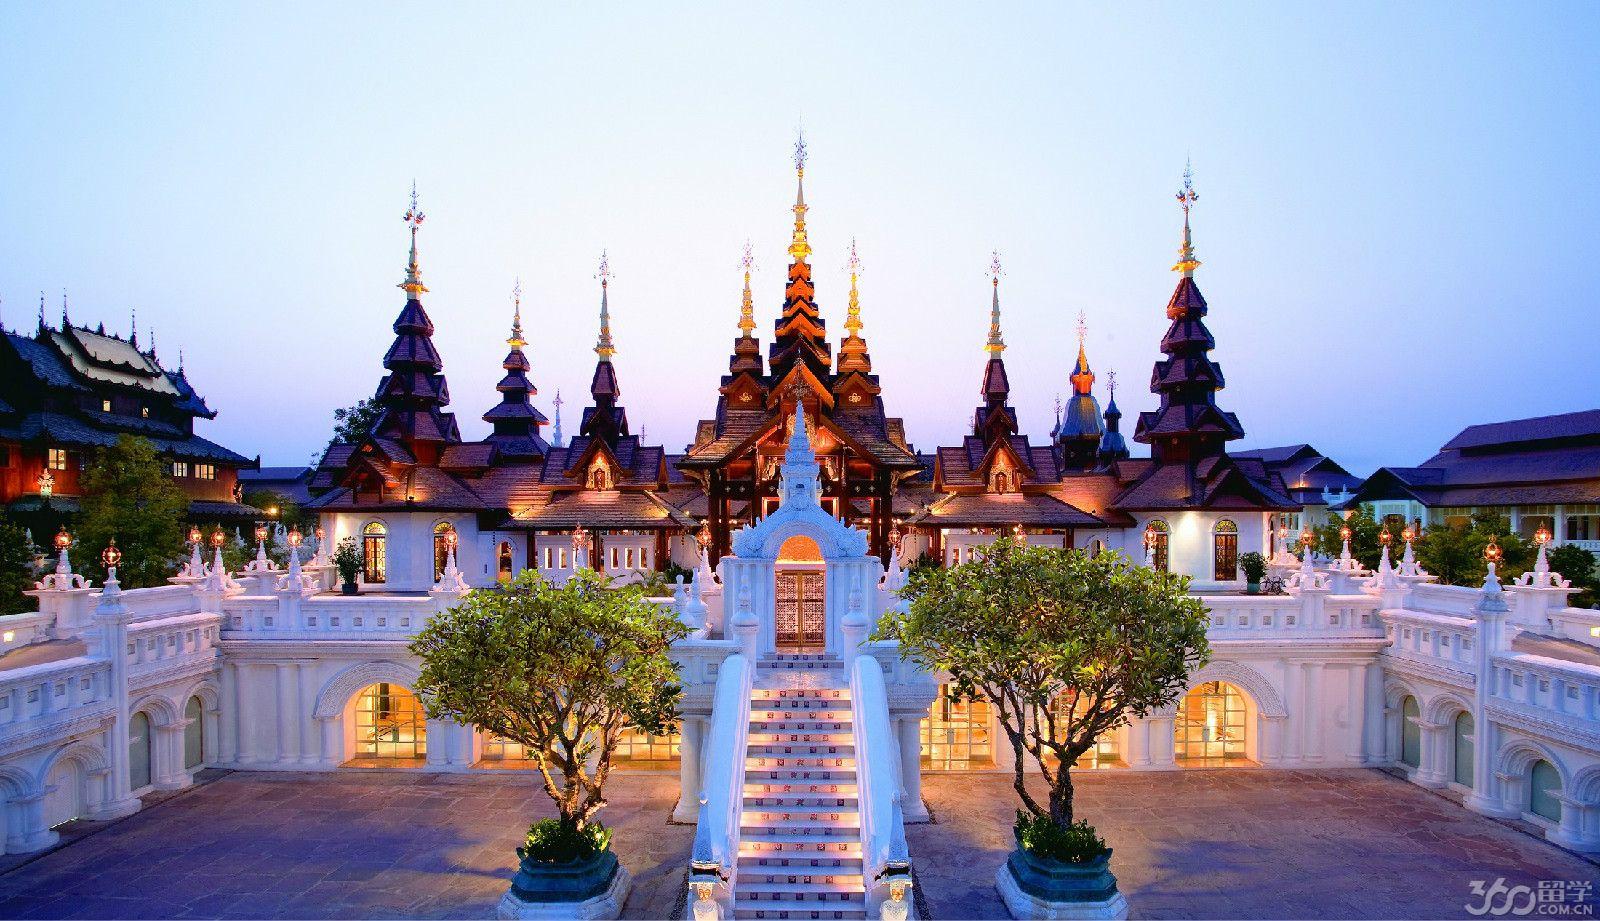 大学:   泰国一共有66所国立大学和42所私立高等院校。目前,泰国的公立和私立大学共设有356门国际课程,这些课程全部使用英语教学,有本科生和研究生学制,其中24所大学里的70个学科有122个本科生课程;21所大学里的112学科有176个硕士学位课程,12所大学里32个学科有58个博士学位课程。在这些课程里外国和泰国学生可采用学分制。入学要求根据各课程和大学入学政策的性质各有不同。   入学资格:   1、 学士学位:学分制,一般学制4年。申请者必须完成其高中教育或相当于12年学历才能在泰国申请学